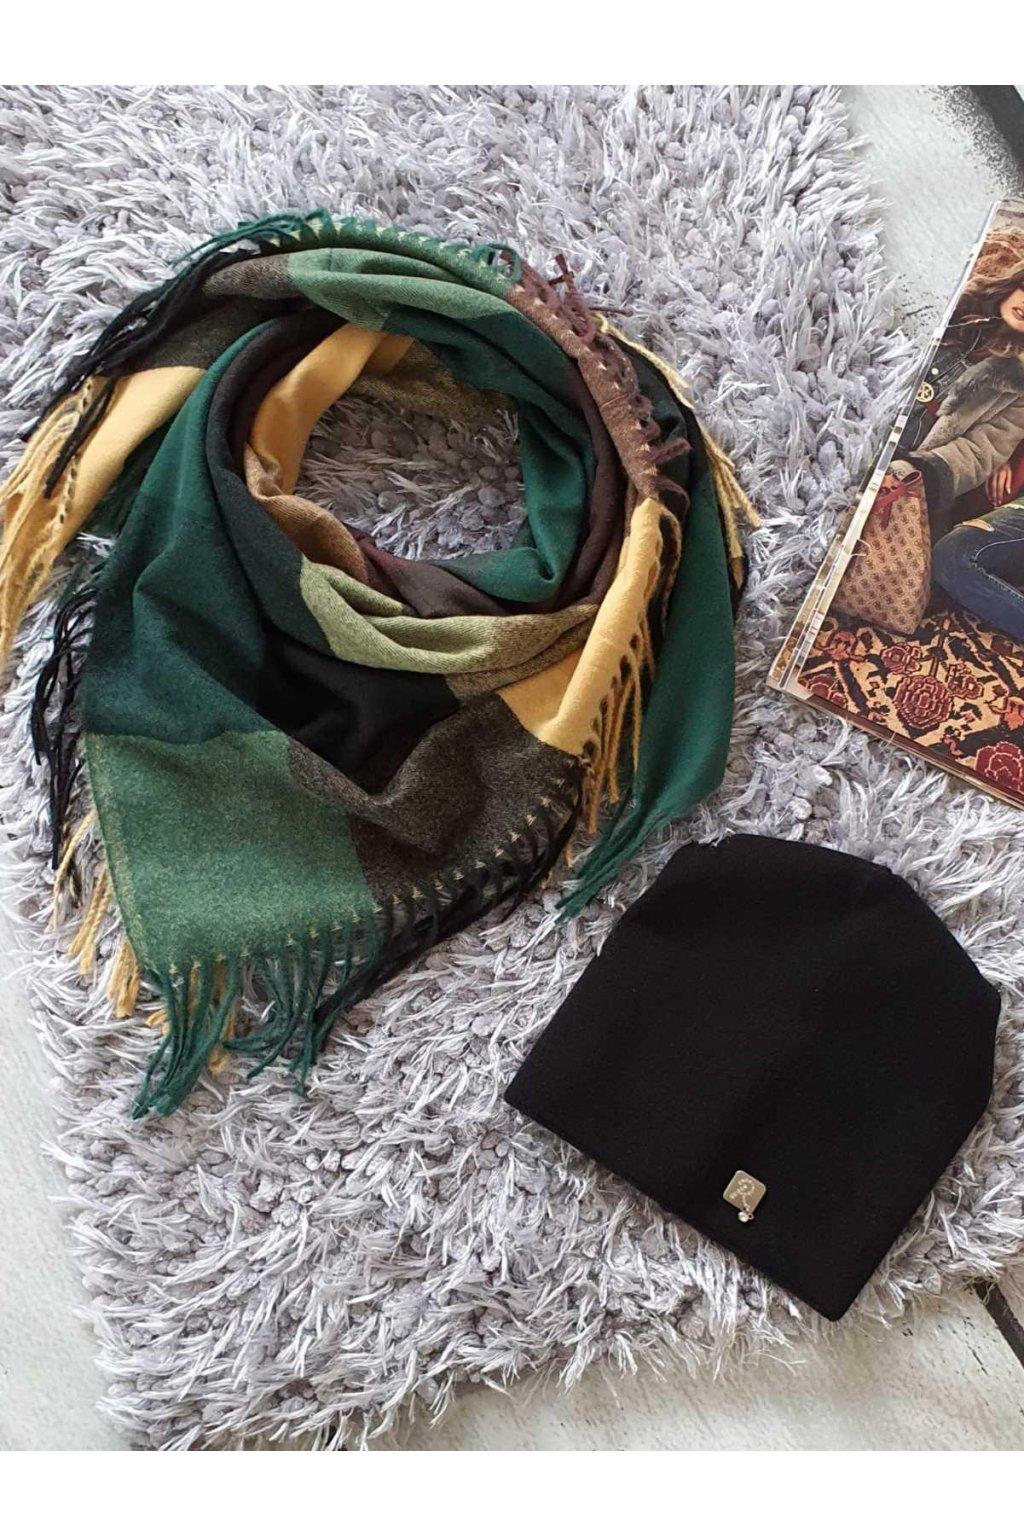 sladěný set čepice a šátku v zelenočerné tip na dárek k vánocům pro ženy a dívky